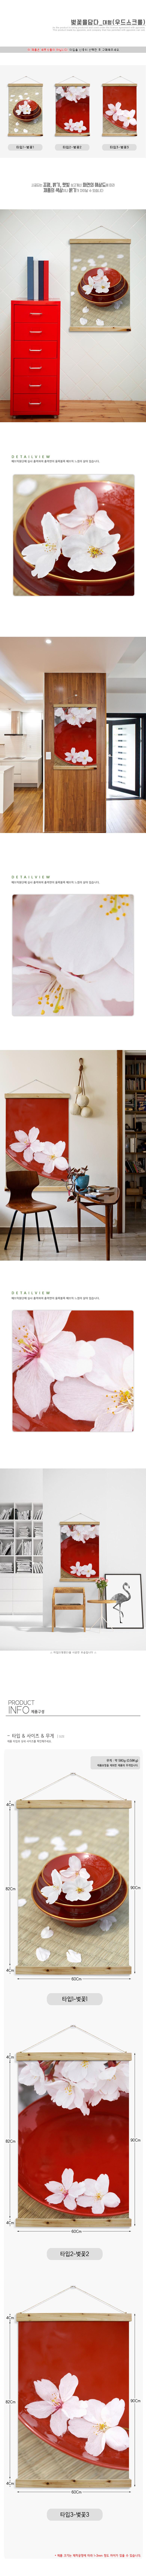 우드스크롤_60CmX90Cm-벚꽃을담다(대형) - 꾸밈, 28,700원, 홈갤러리, 패브릭포스터